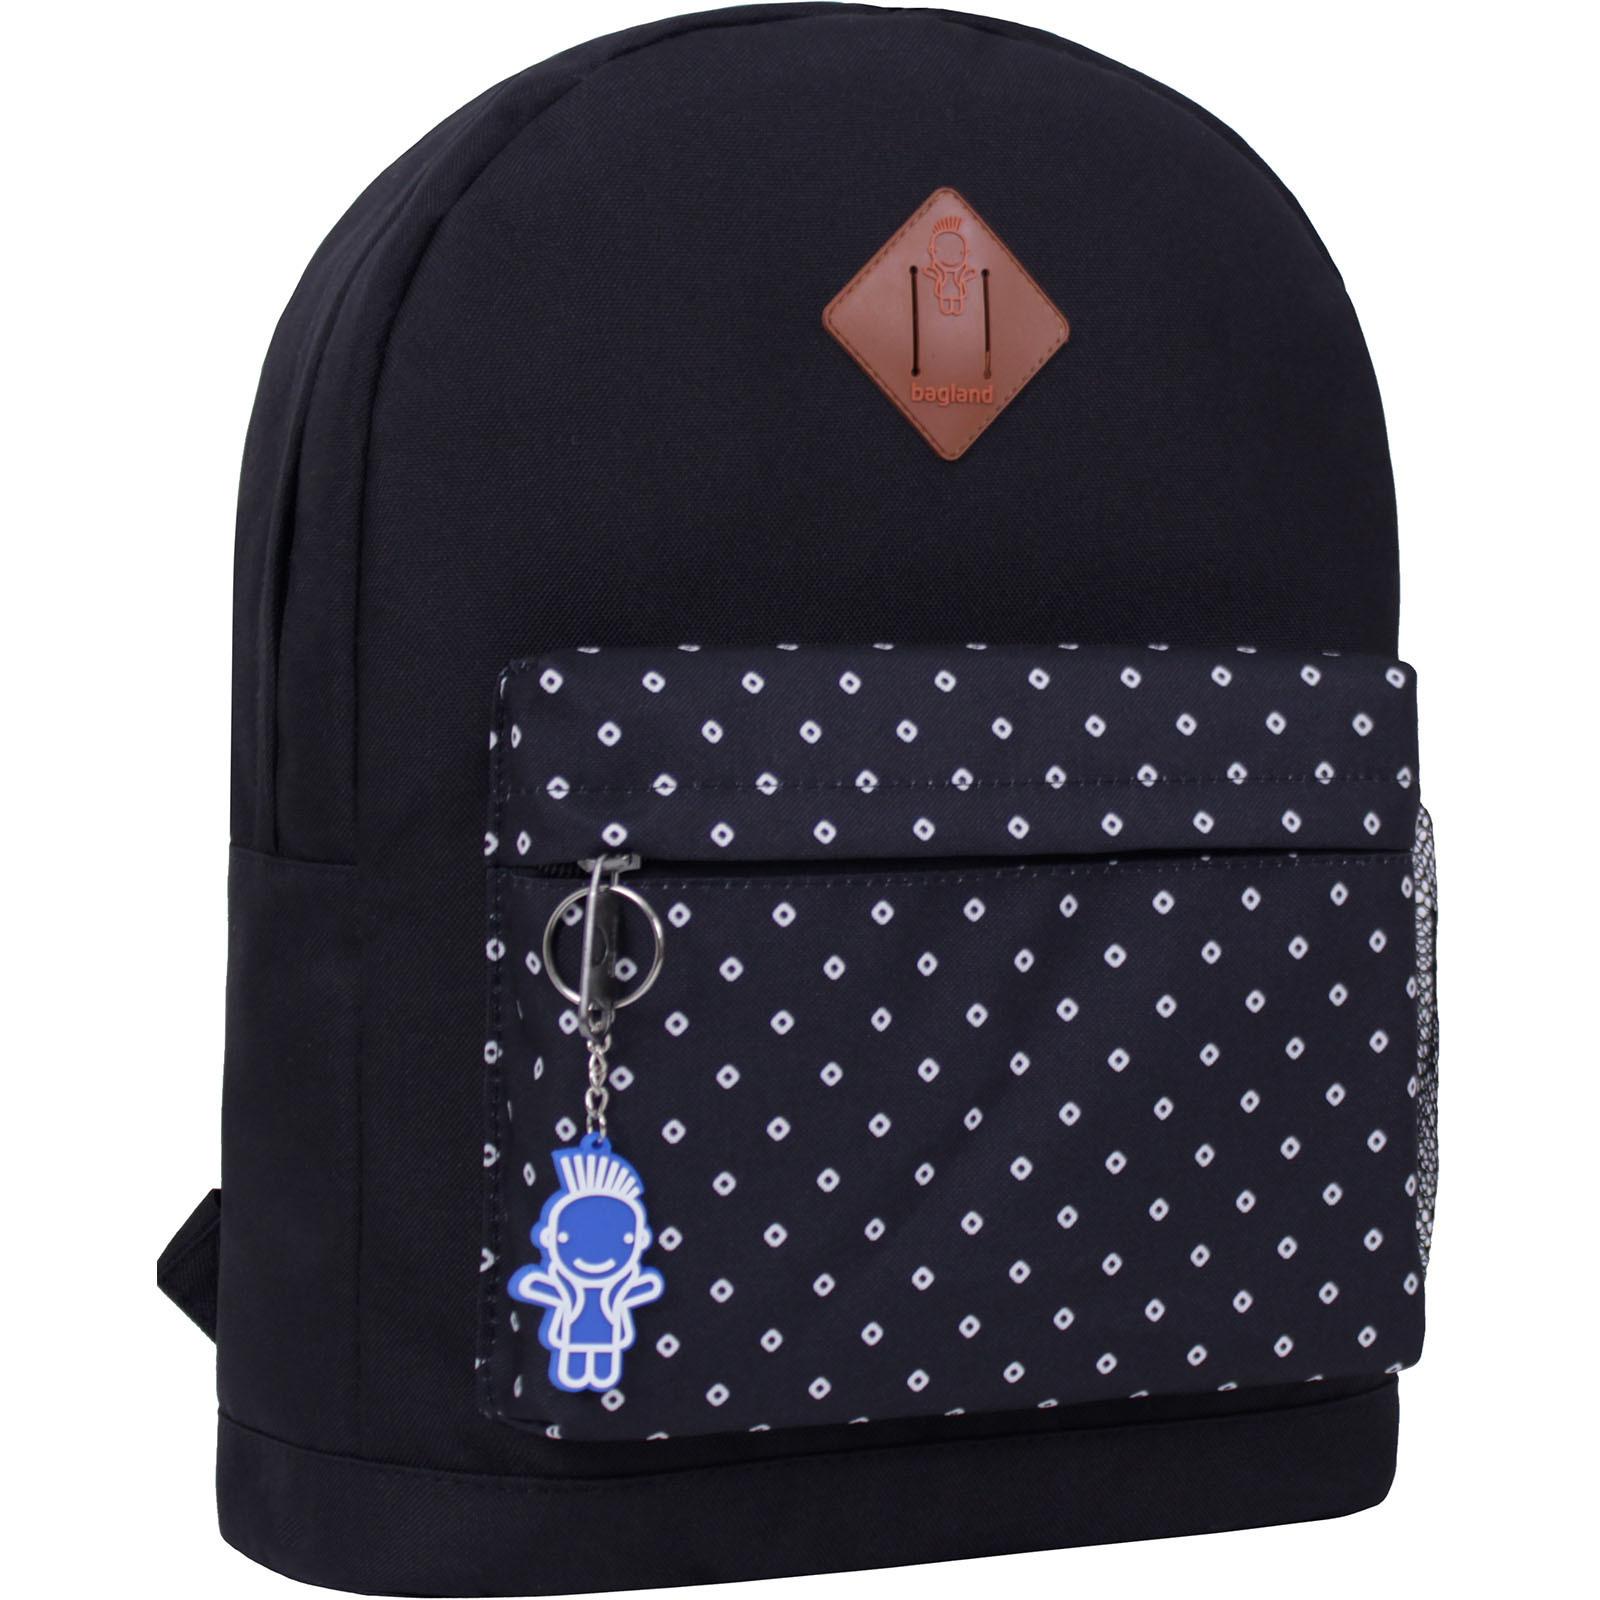 Городские рюкзаки Рюкзак Bagland Молодежный W/R 17 л. черный 462 (00533662) IMG_2217_суб.462_.JPG